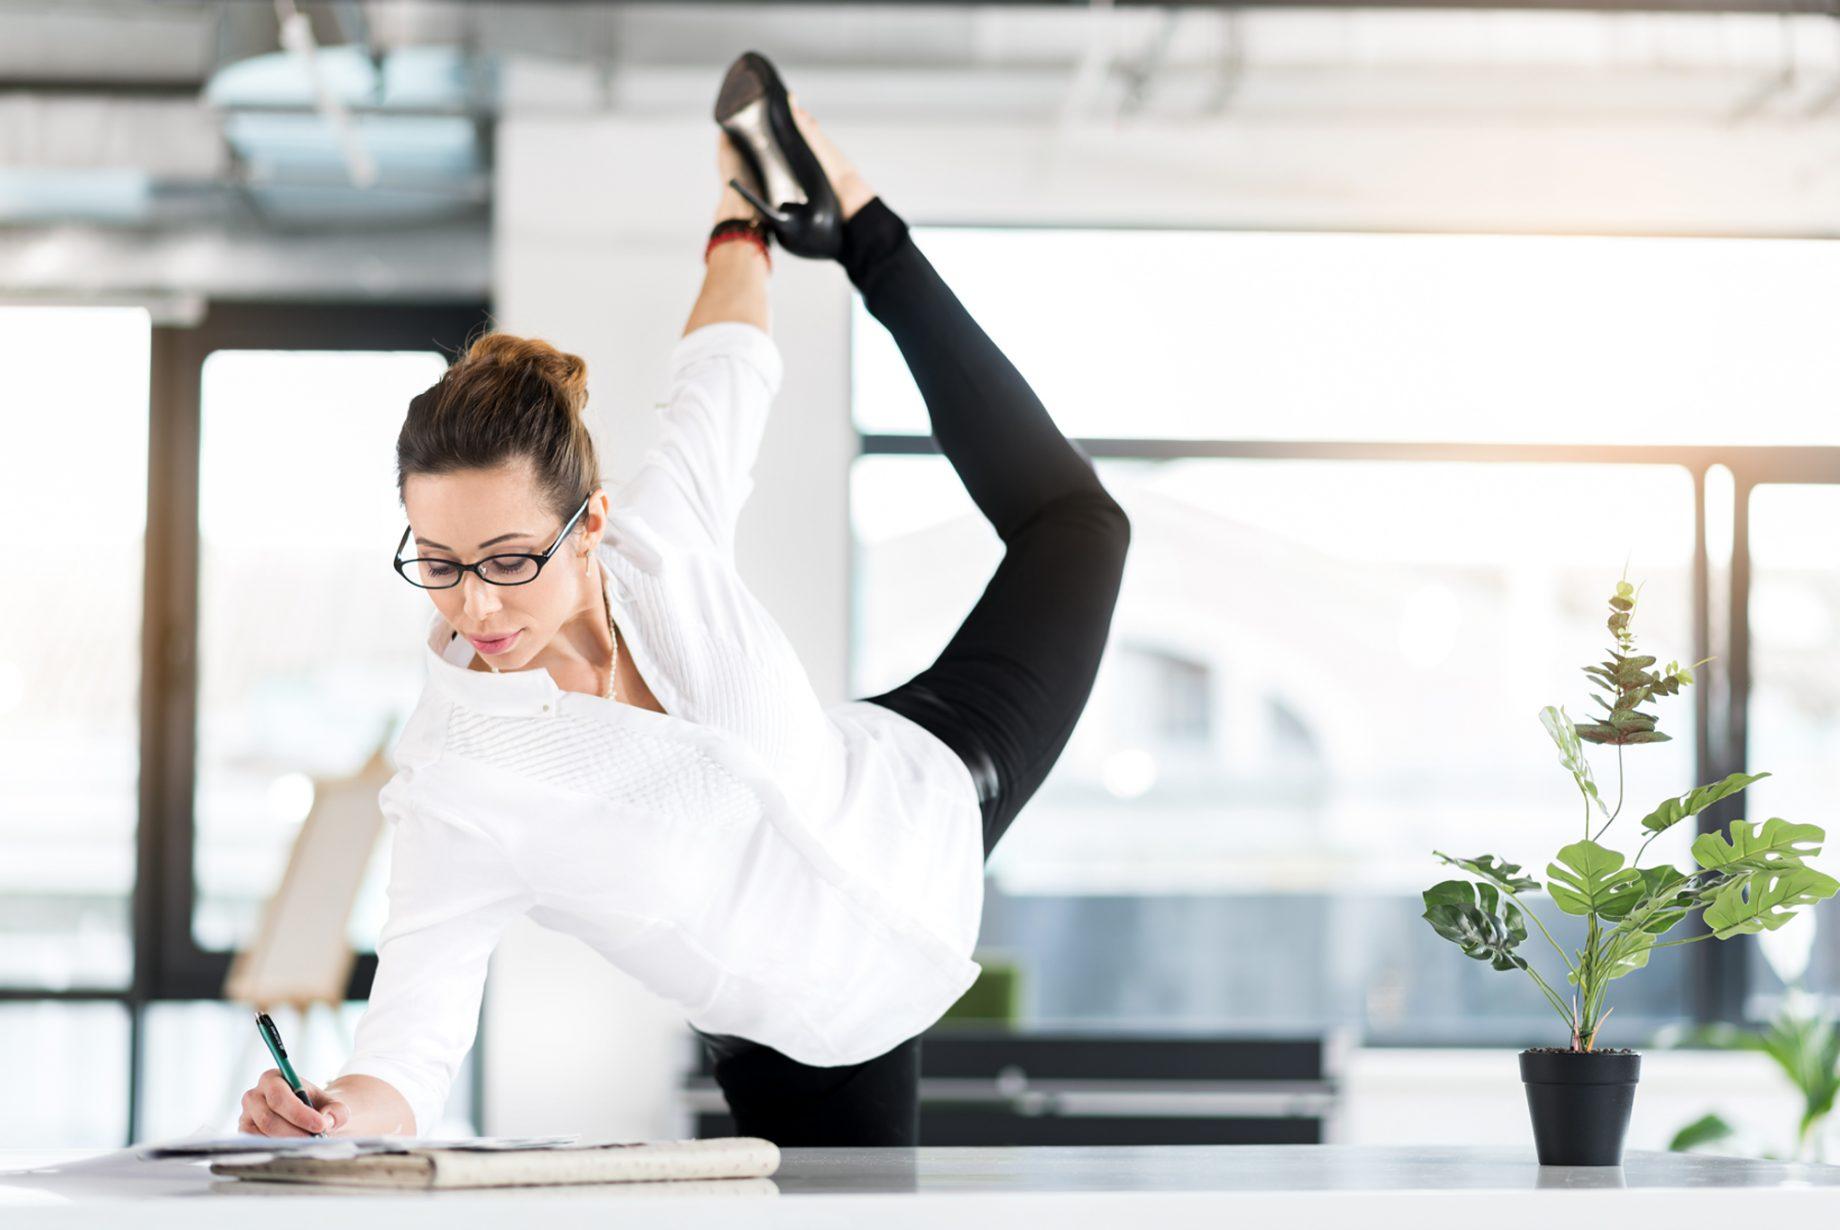 BGM oder Arbeitsschutz - Was braucht mein Unternehmen